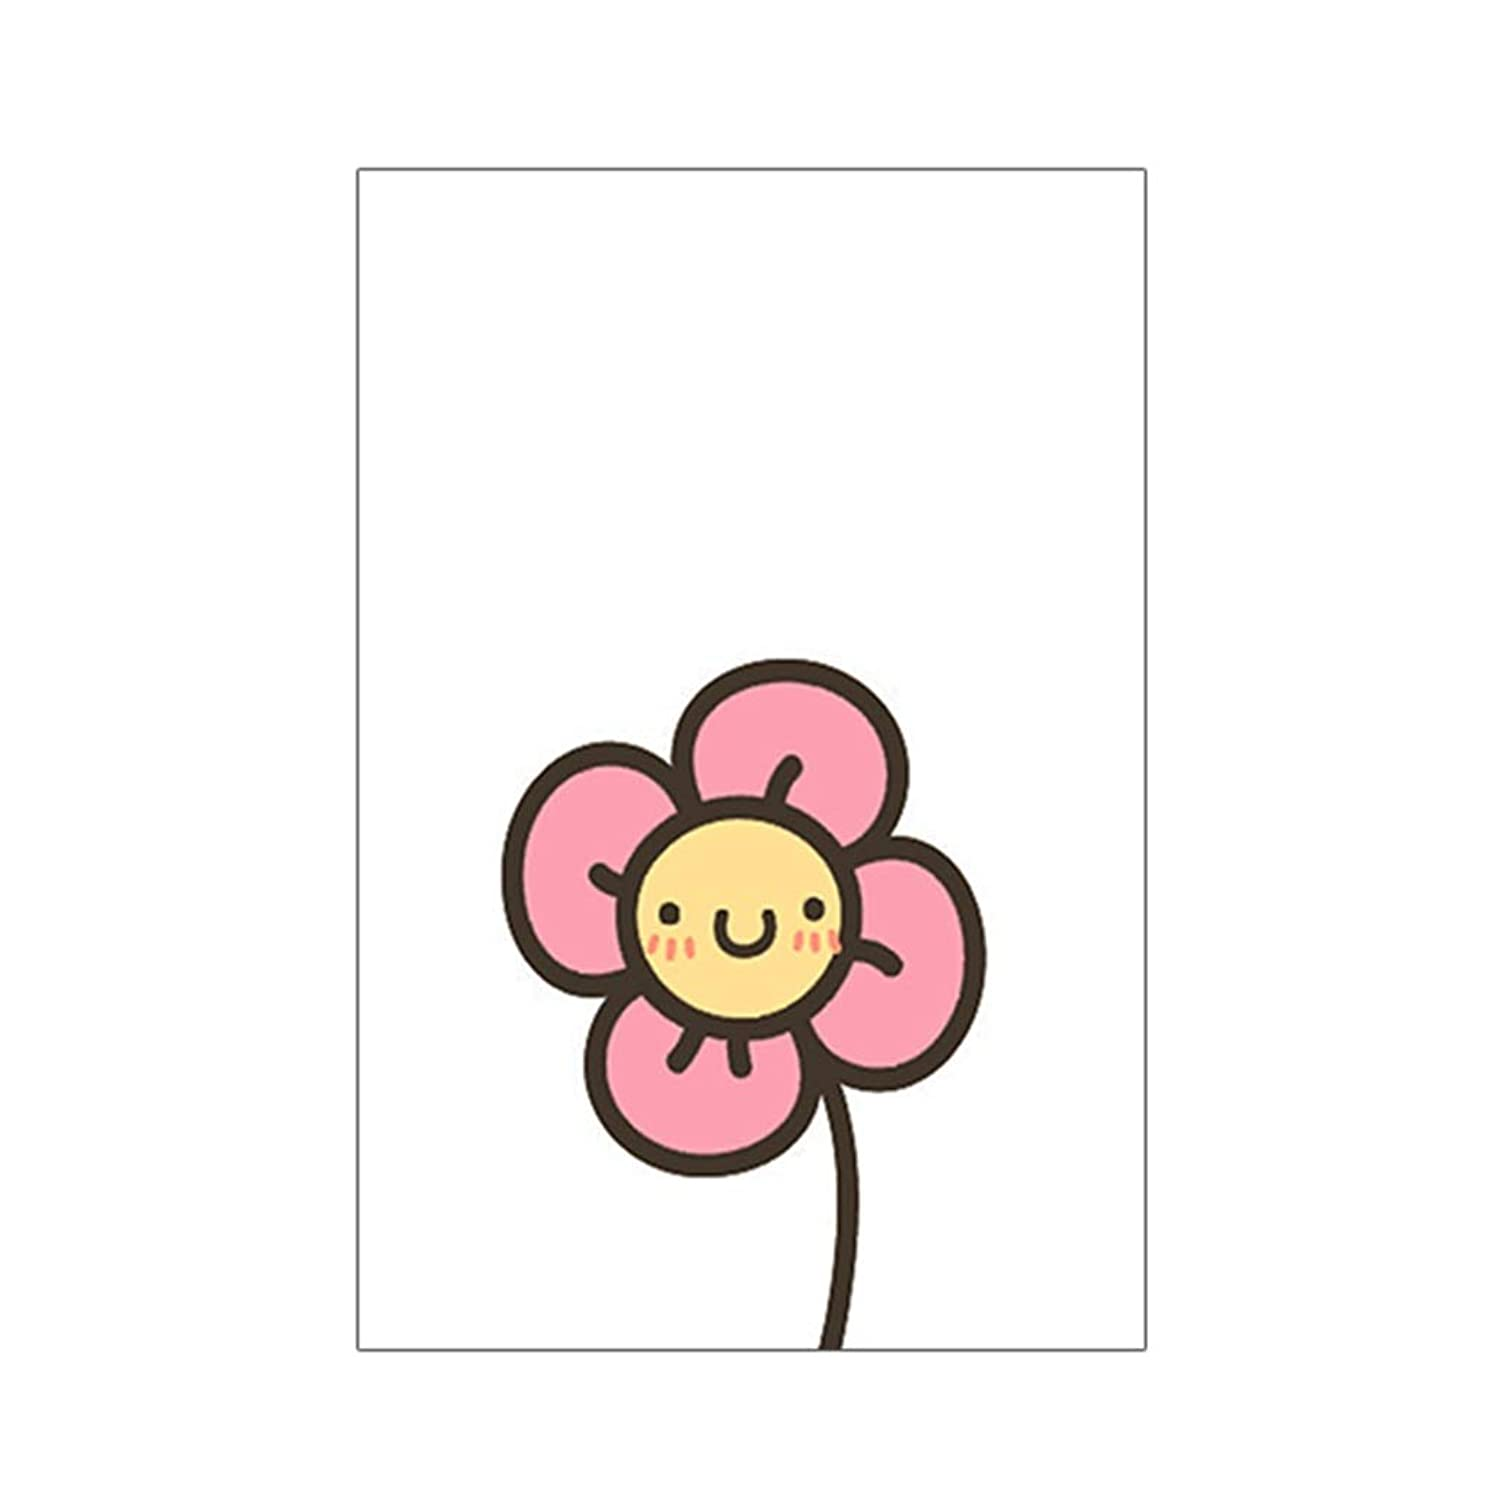 アシスタントペネロペ疎外するフロストプライバシーウィンドウフィルム静的しがみつく、花柄ウィンドウブラックアウトフィルムリムーバブル、ウィンドウ装飾非接着ガラスフィルム (色 : E, サイズ : 80x160cm)